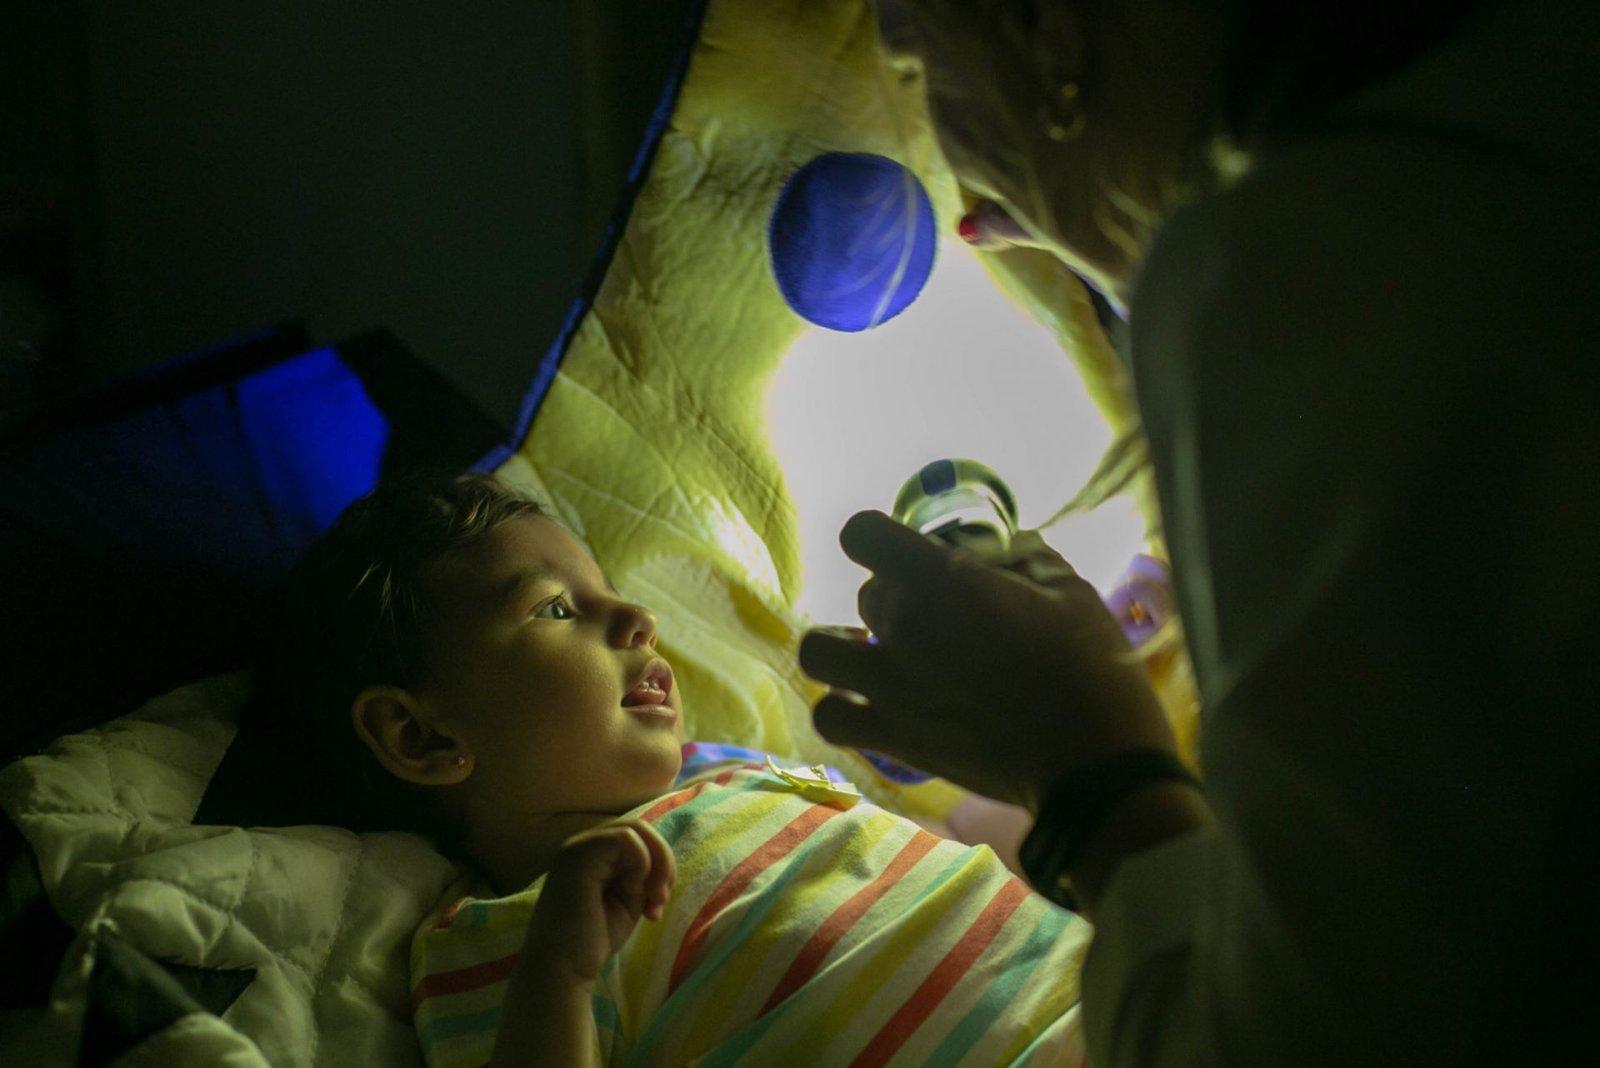 maes desobedecem lei para tratar filhos com maconha 02 scaled 'A gente não pode esperar': mães desobedecem lei para tratar filhos com maconha medicinal